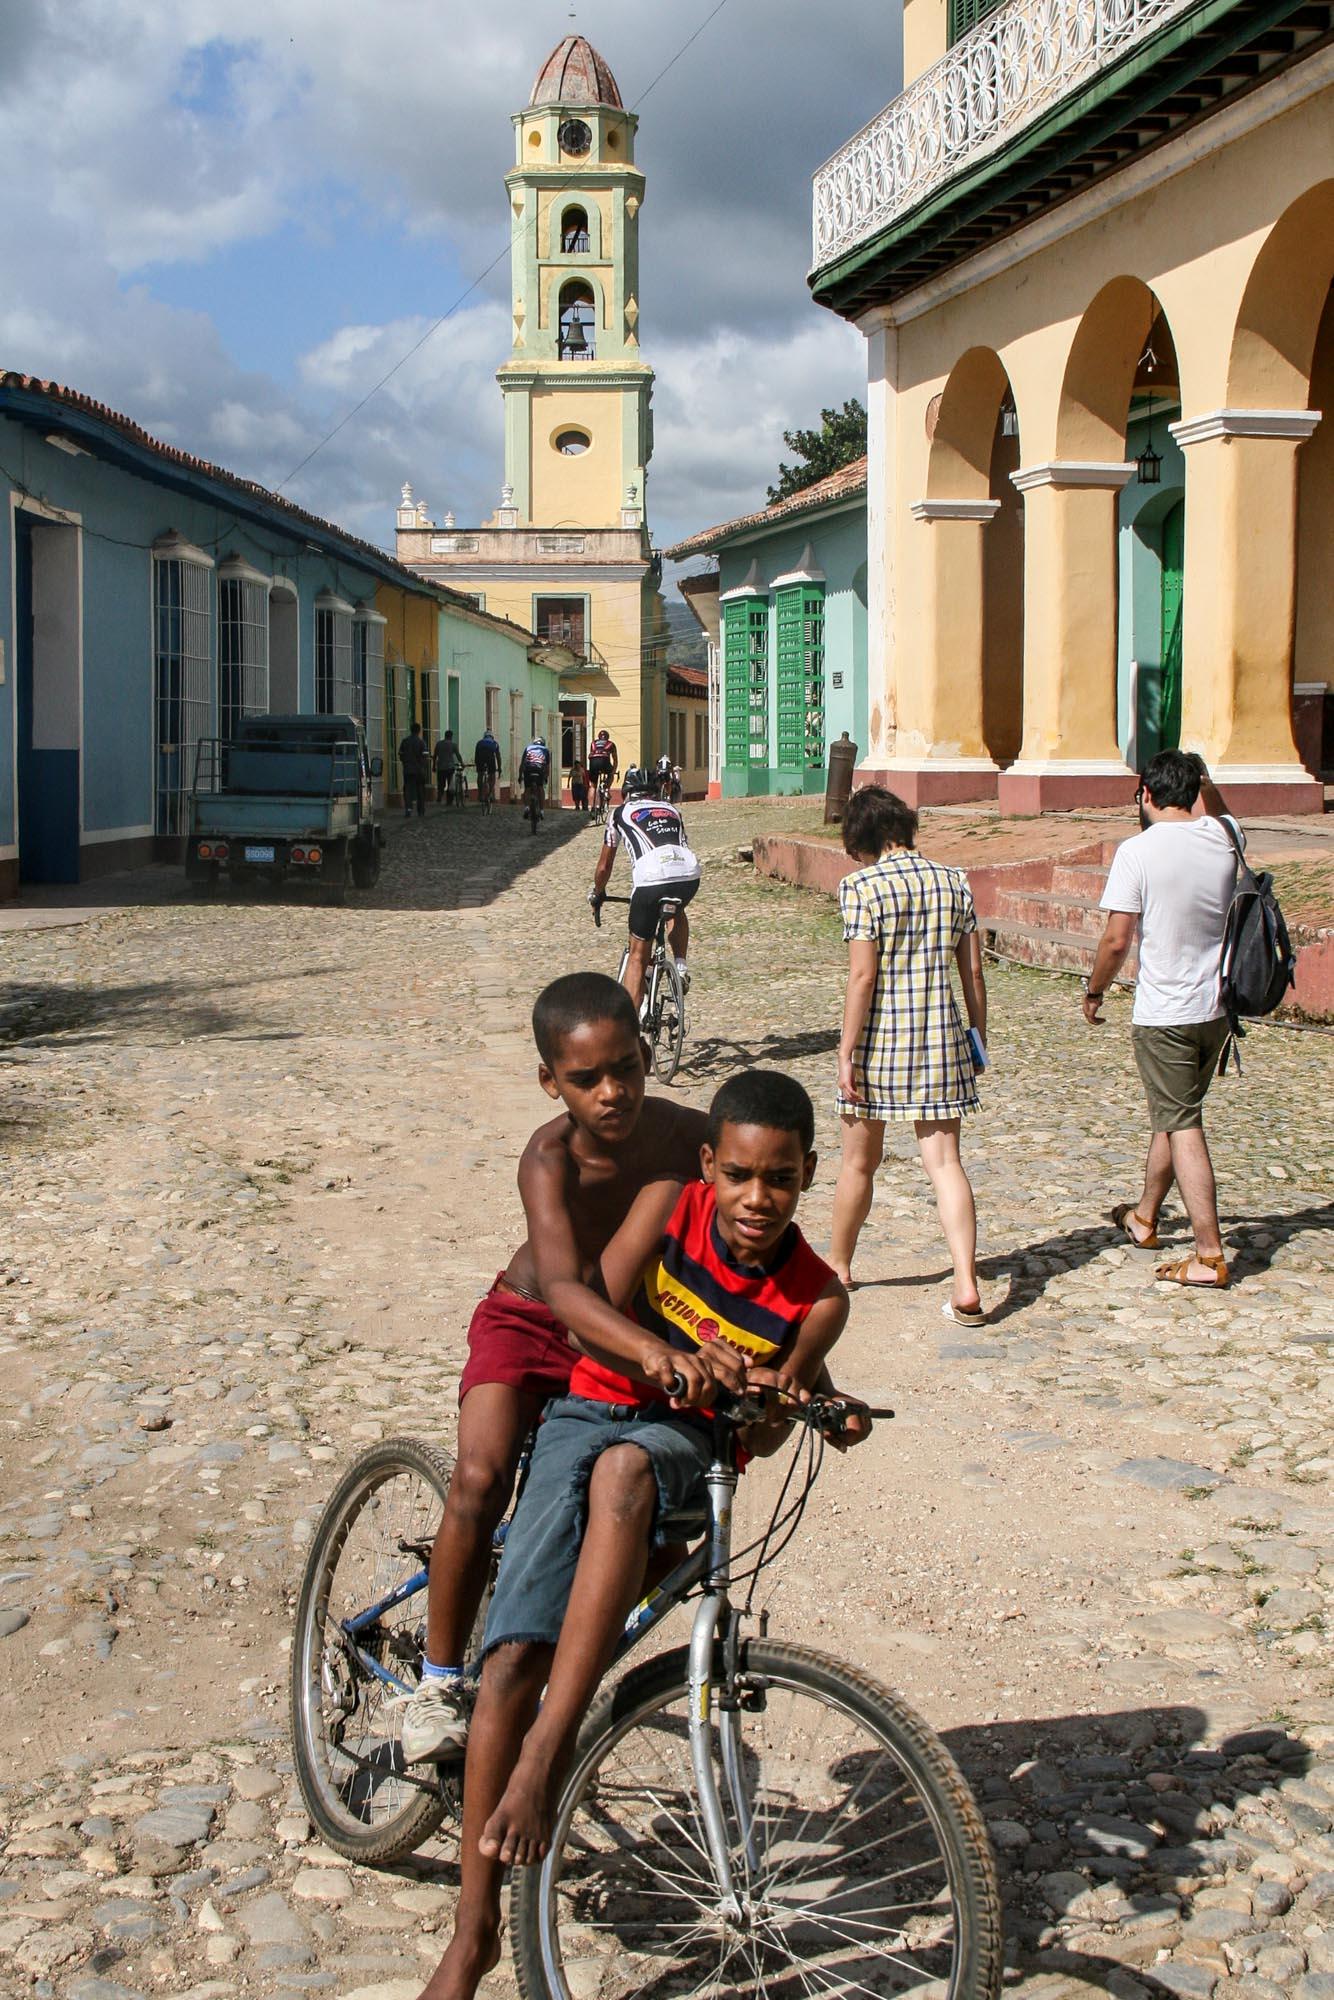 Zwei kubanische Kinder auf einem alten Fahrrad in den Straßen von Trinidad.